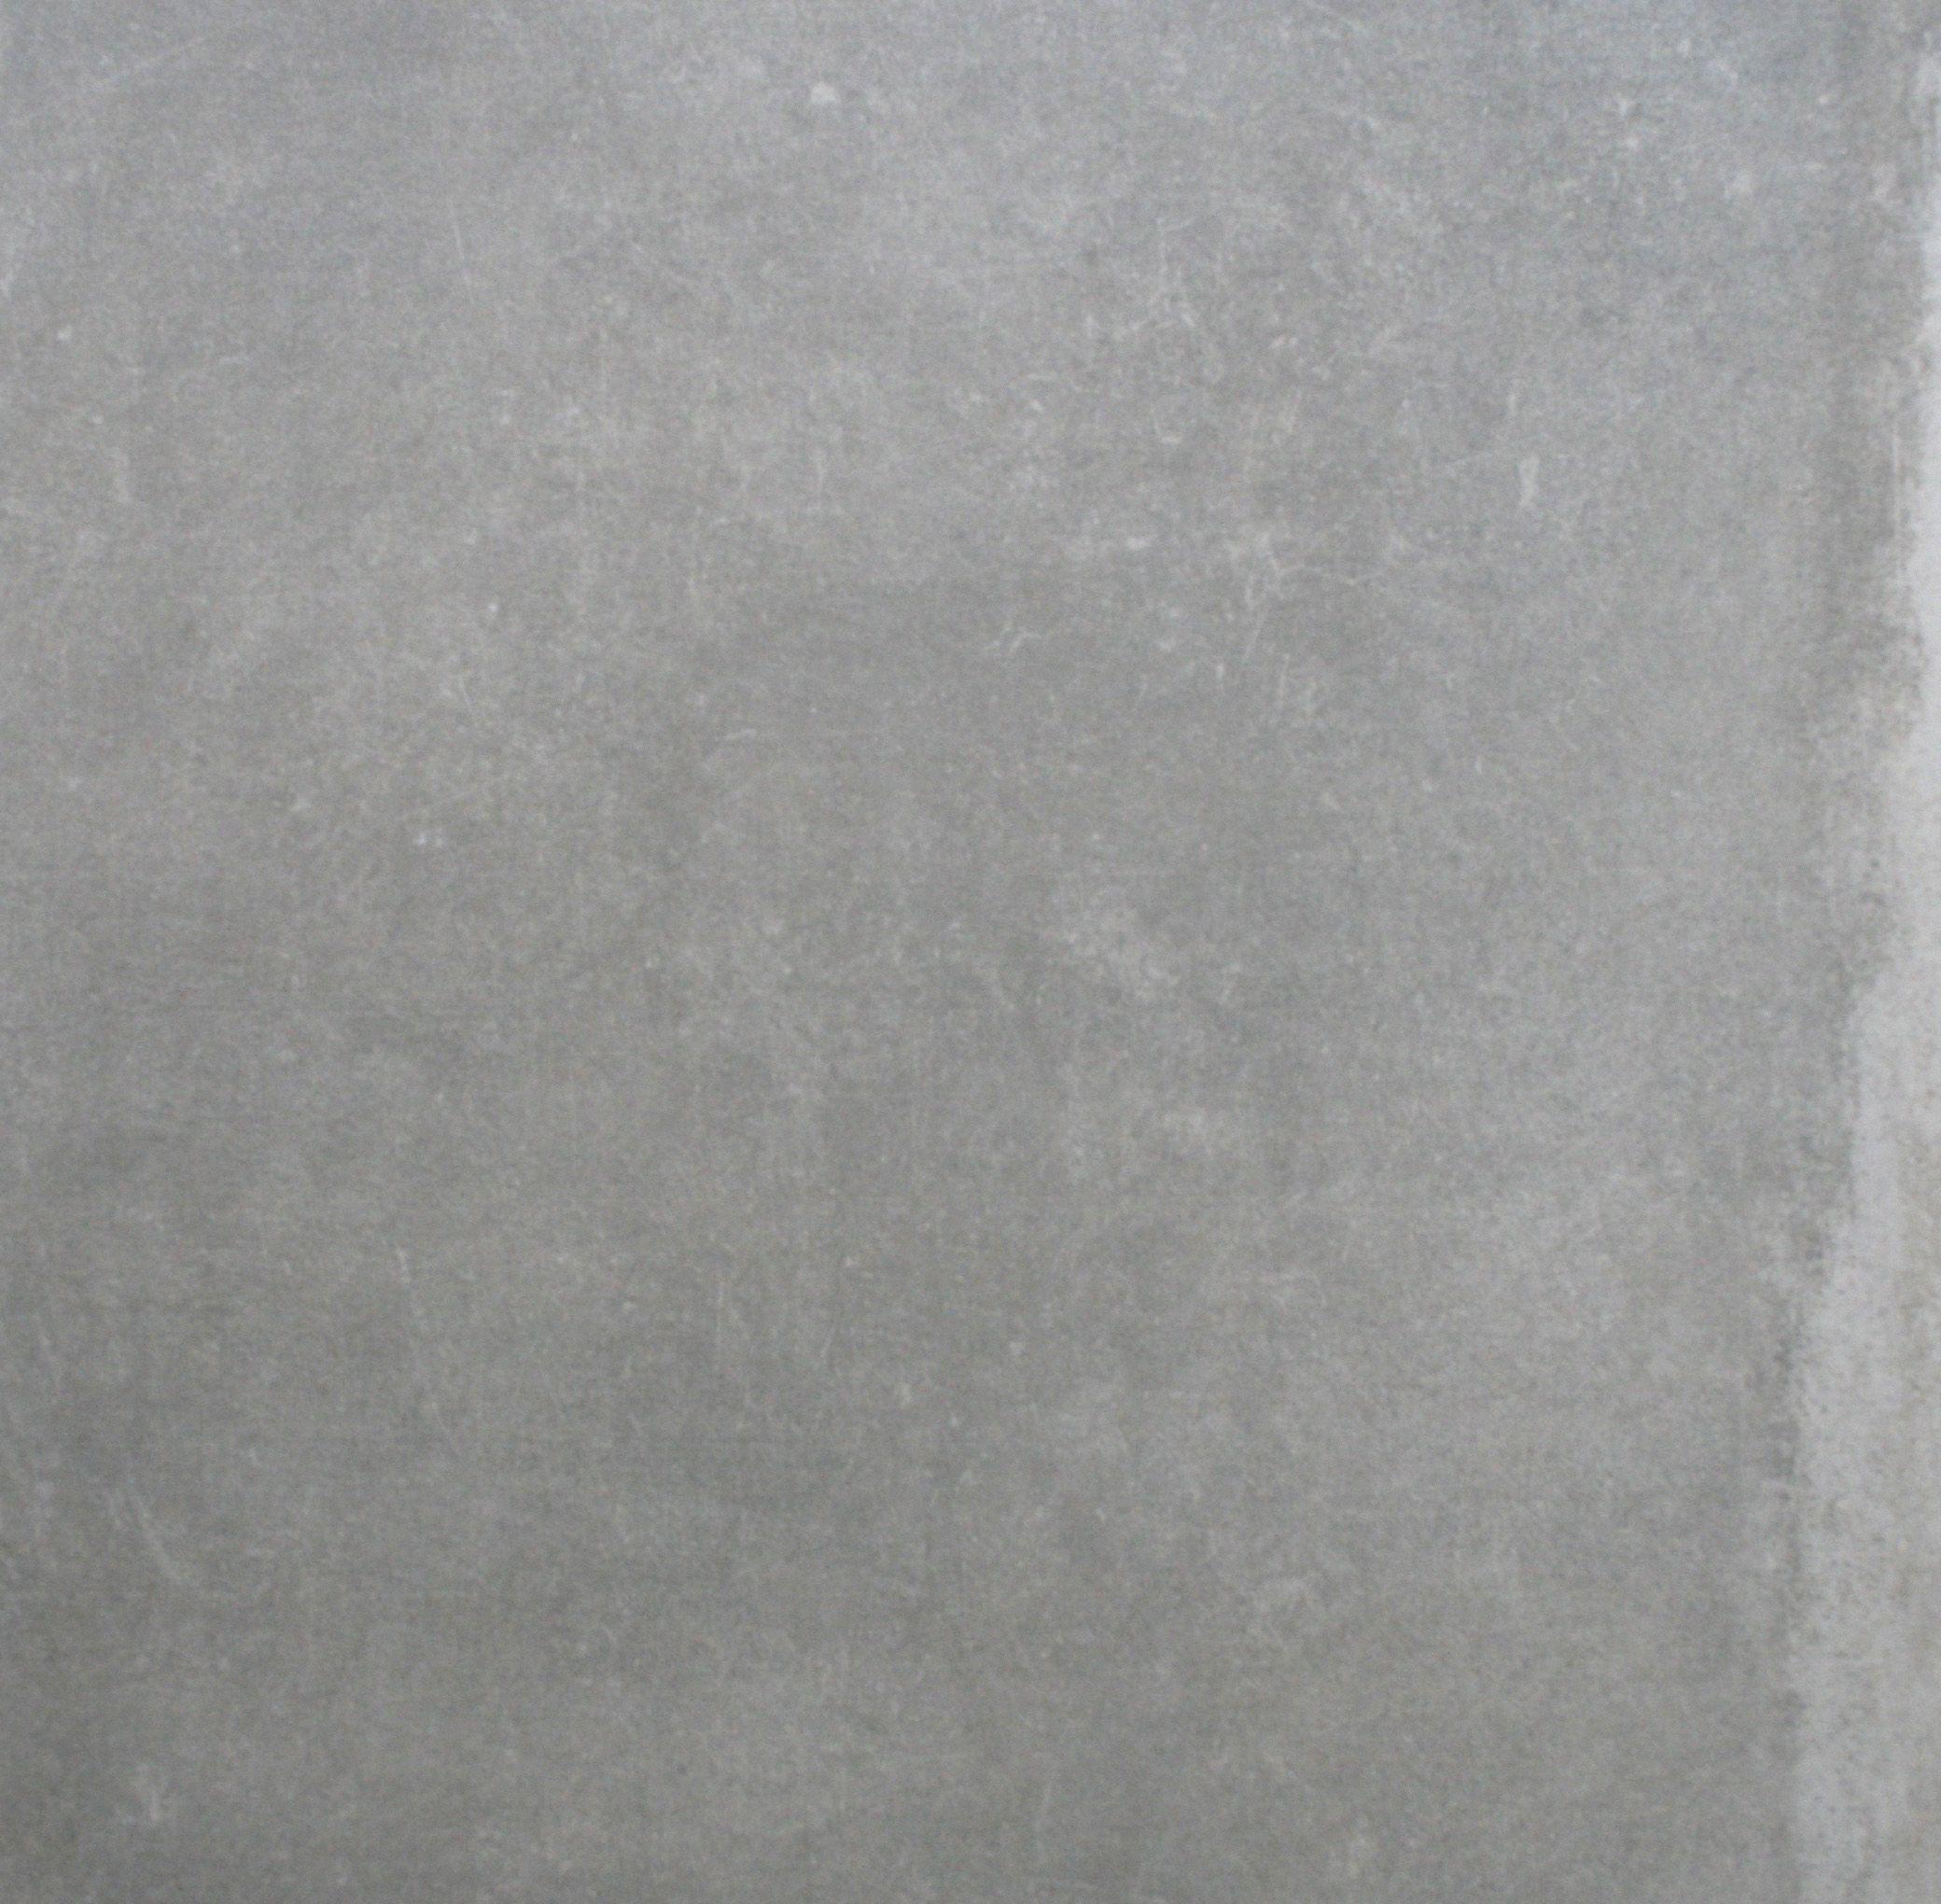 27520 Urban Concrete Porcelain Tile Grey 600x600mm | Bespoke Tile & Stone